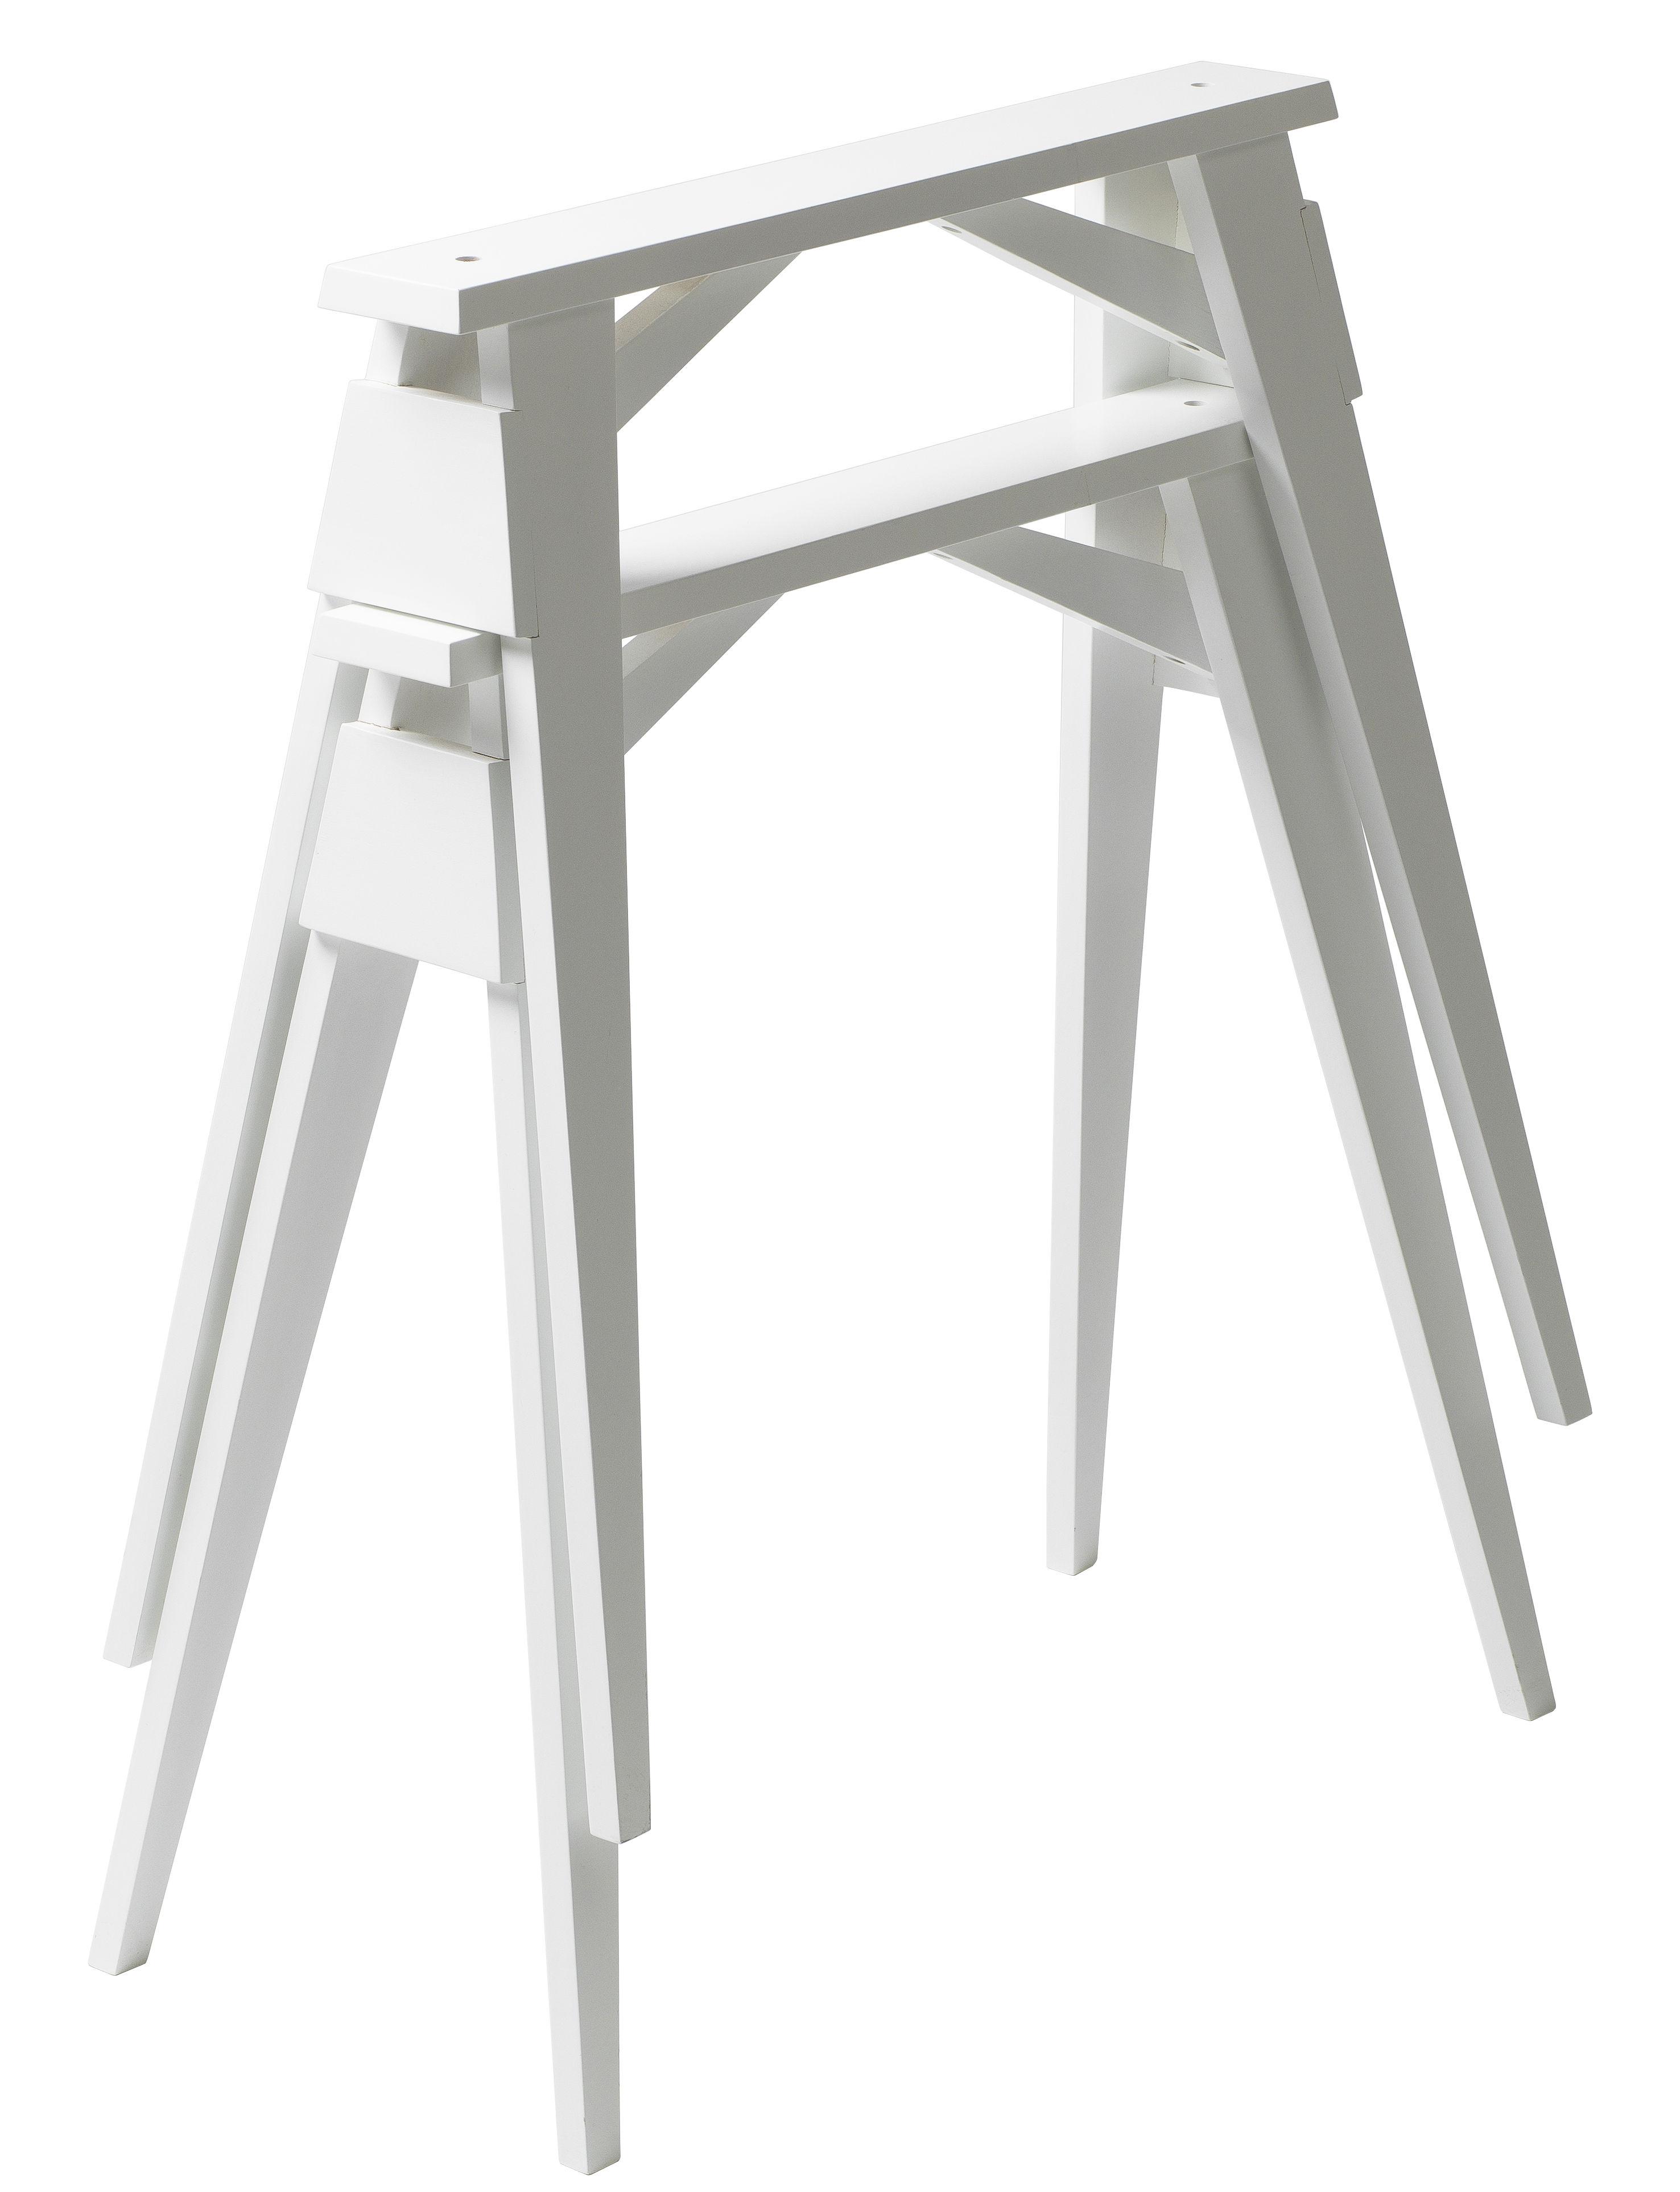 Mobilier - Bureaux - Paire de tréteaux Arco - Design House Stockholm - Blanc - Bois massif laqué